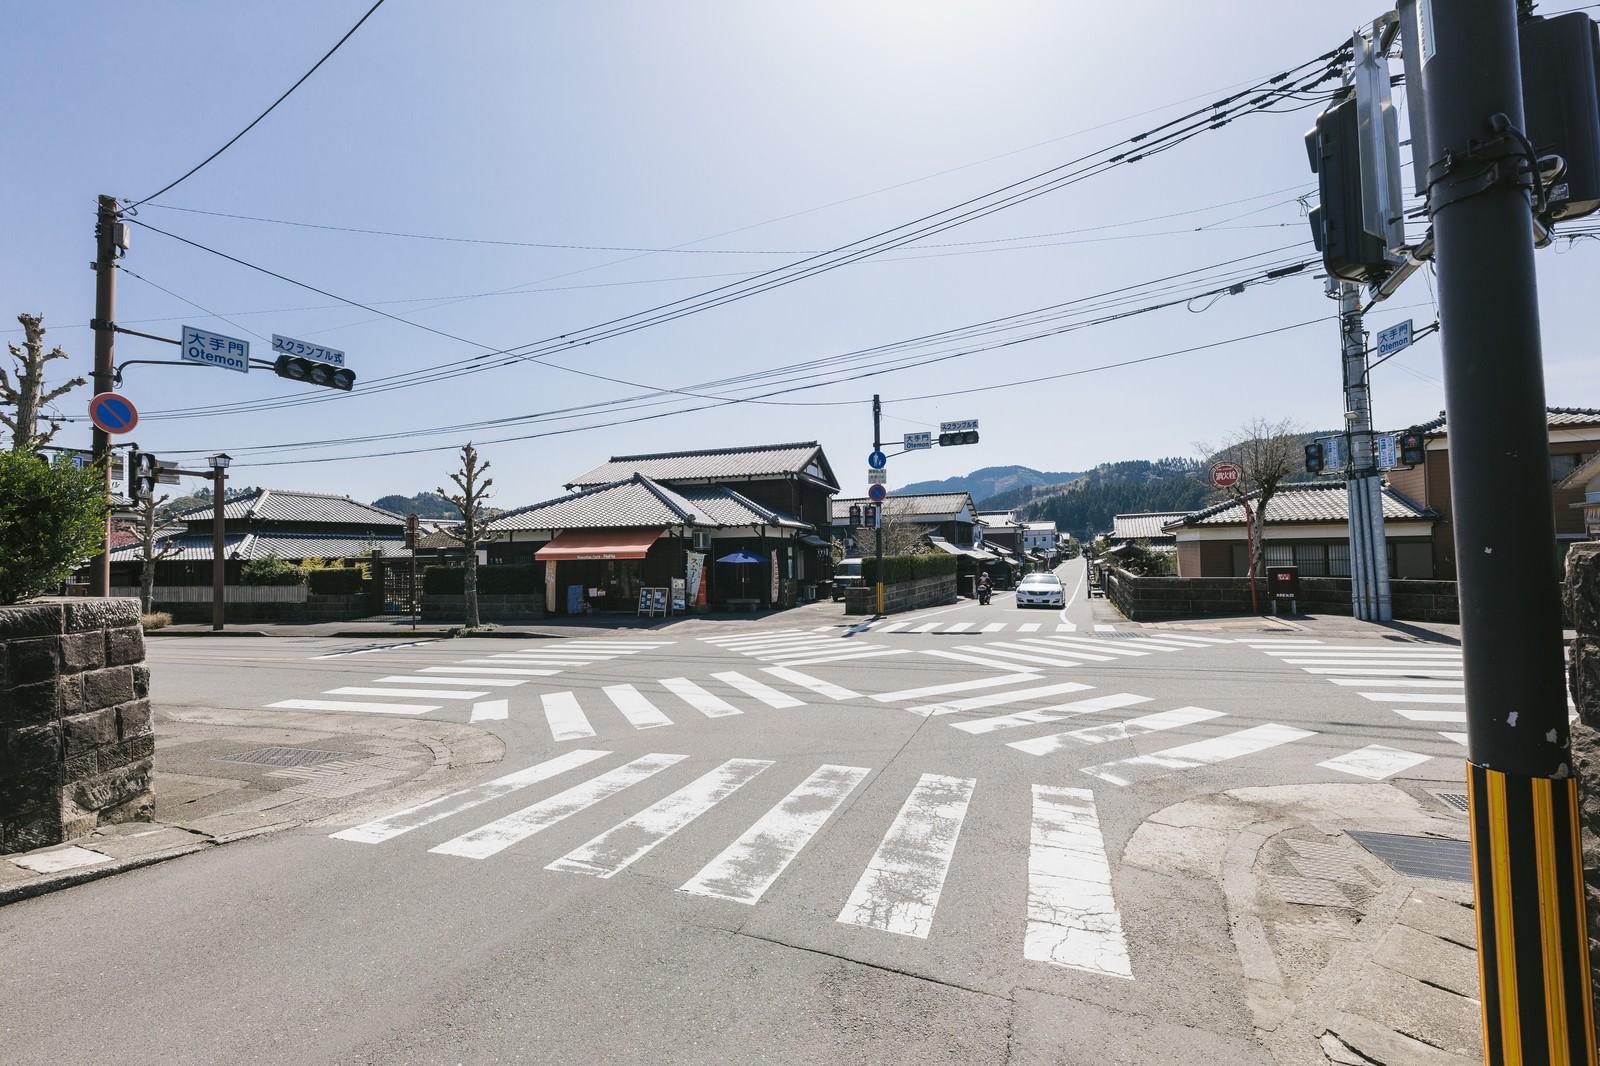 「人がいない大手門のスクランブル交差点(宮崎県日南市)」の写真